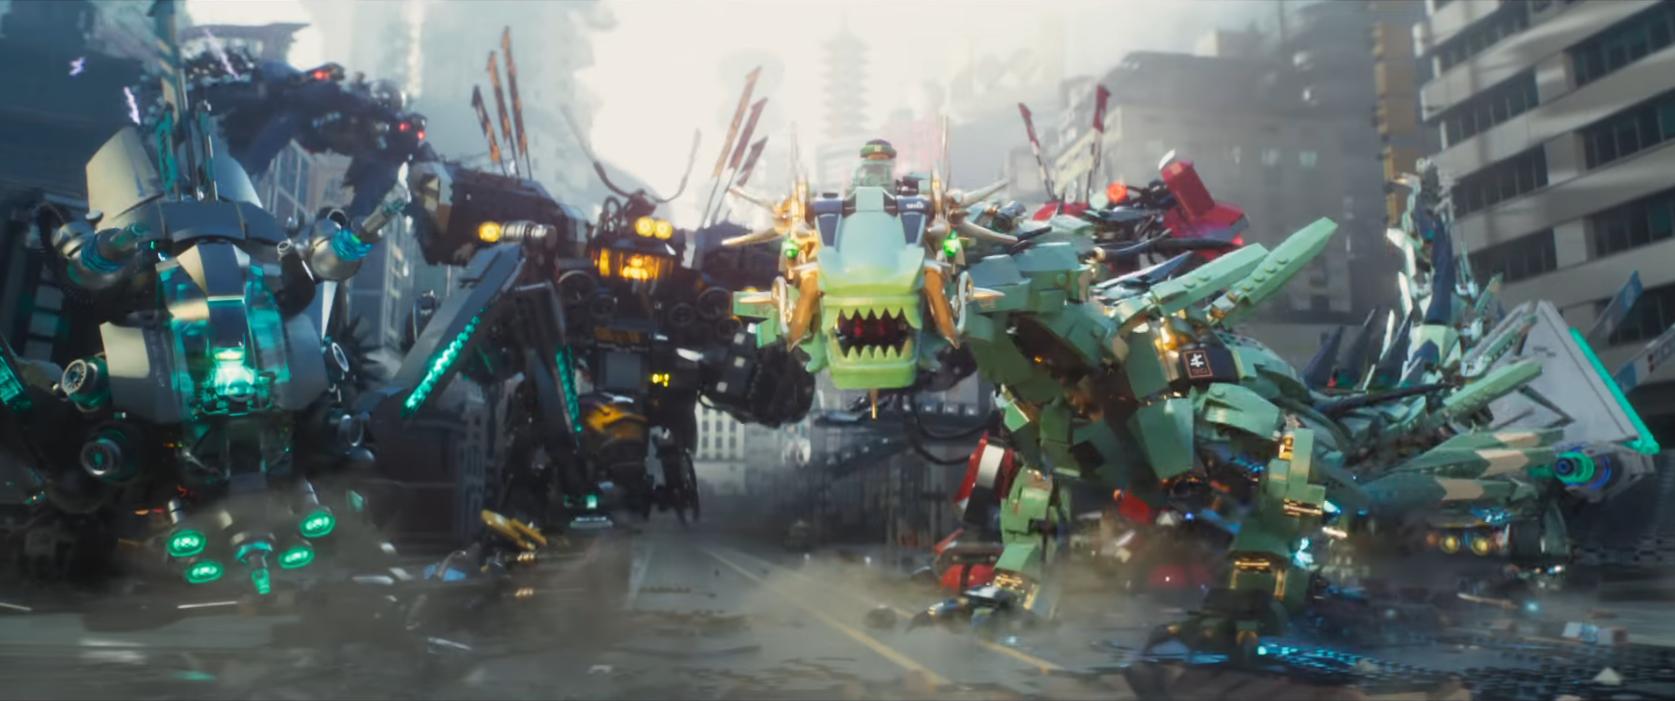 Review The Lego Ninjago Movie Jay S Brick Blog